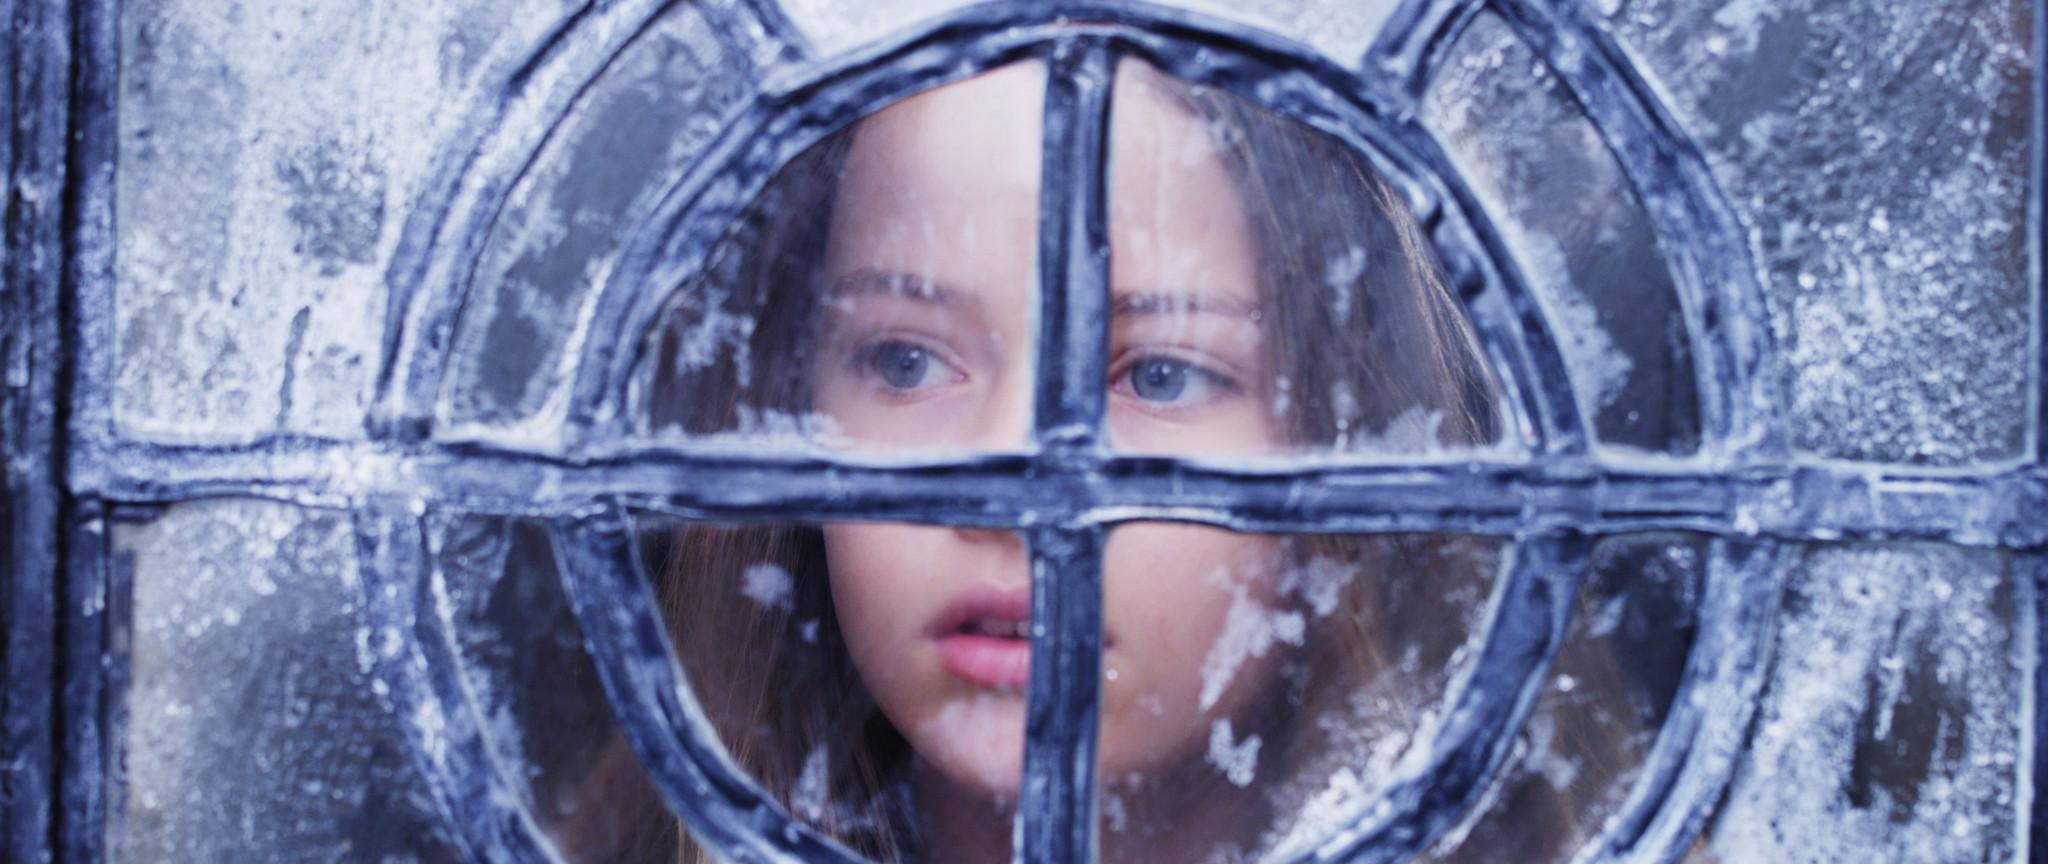 Kristina Pimenova looking out window.jpg